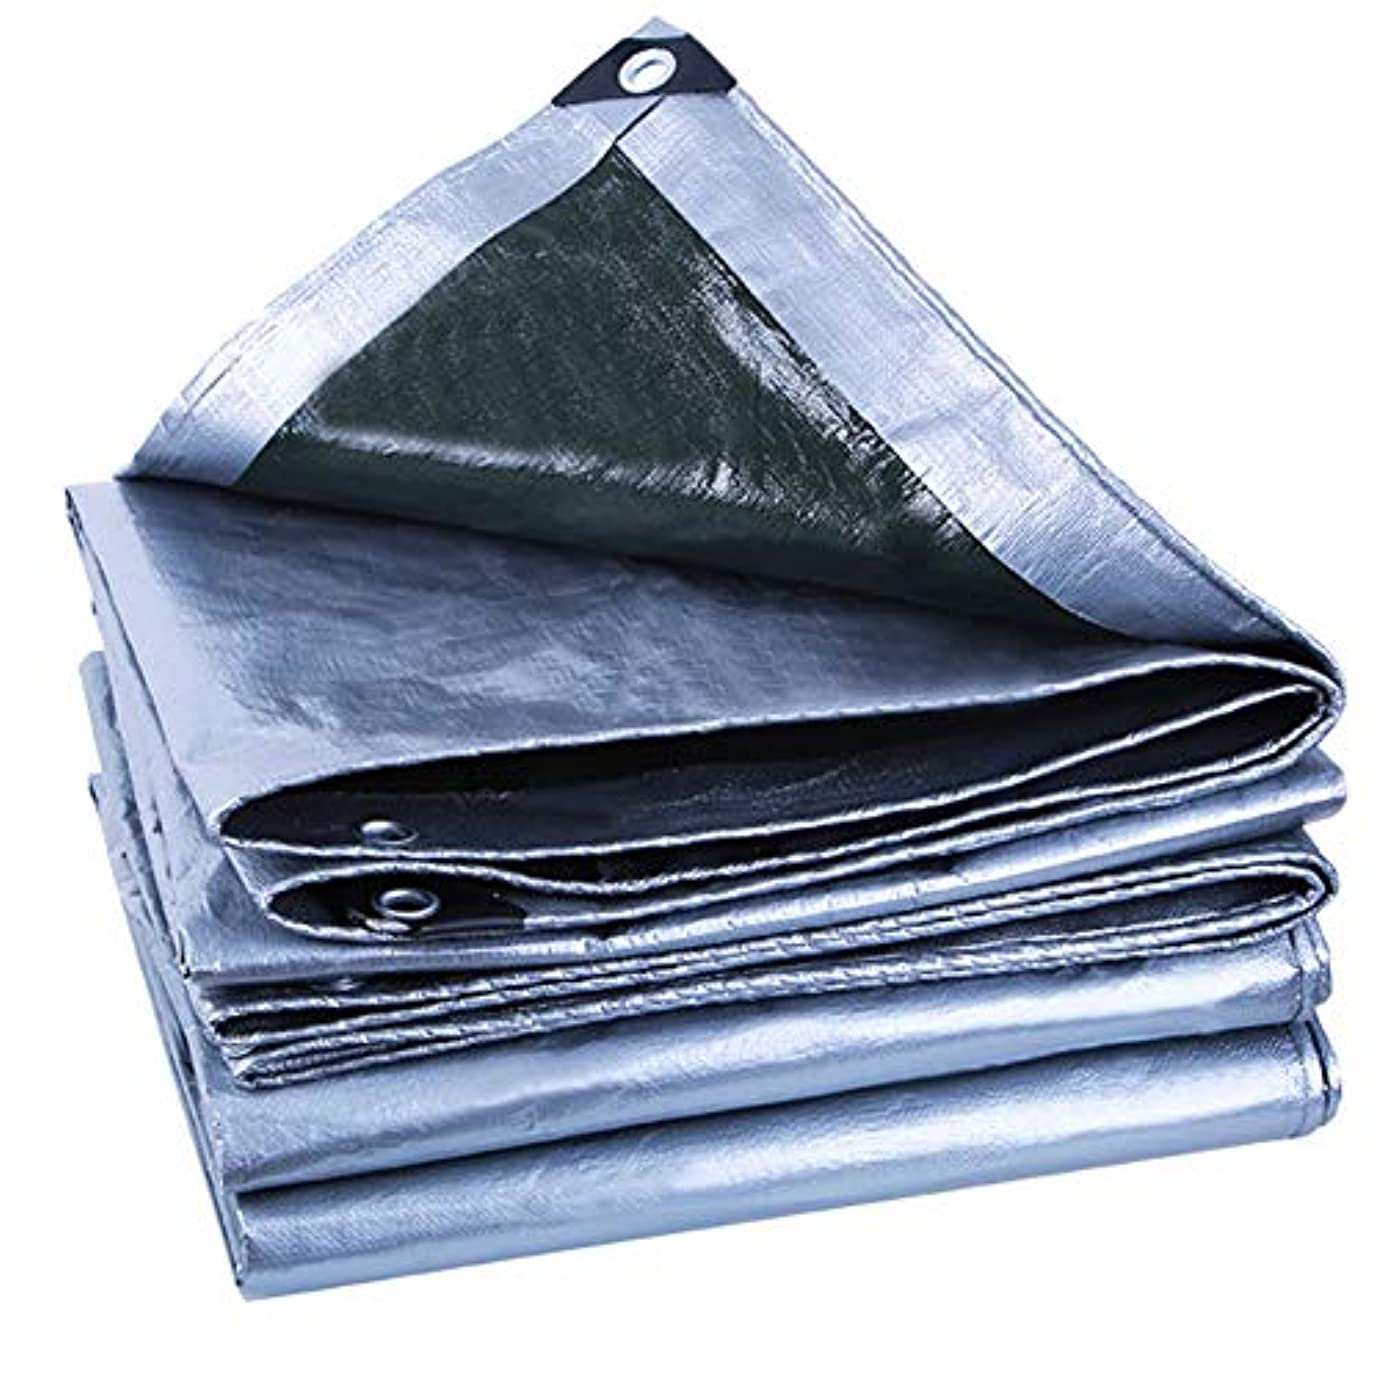 軍団報酬安心防水シートリノリウム シルバーポリタープカバー - グロメットと強化された厚い防水、UV耐性、腐敗、裂け目と裂傷防止用防水シート ZHANGQIANG (Color : A, Size : 6*6m)